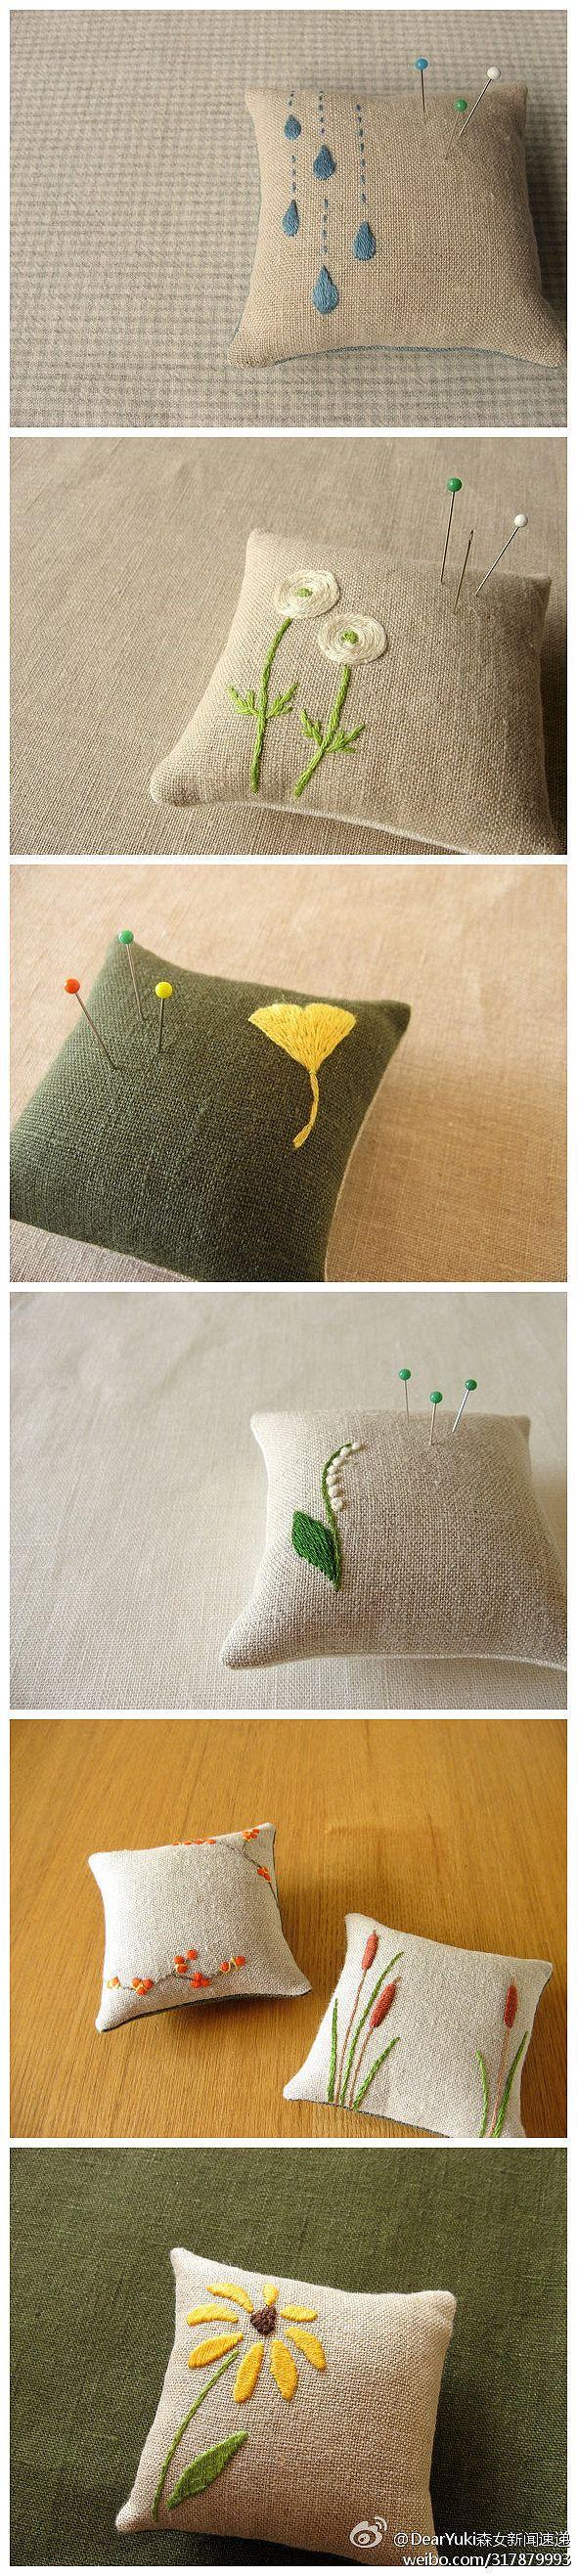 beautiful embroidery. k